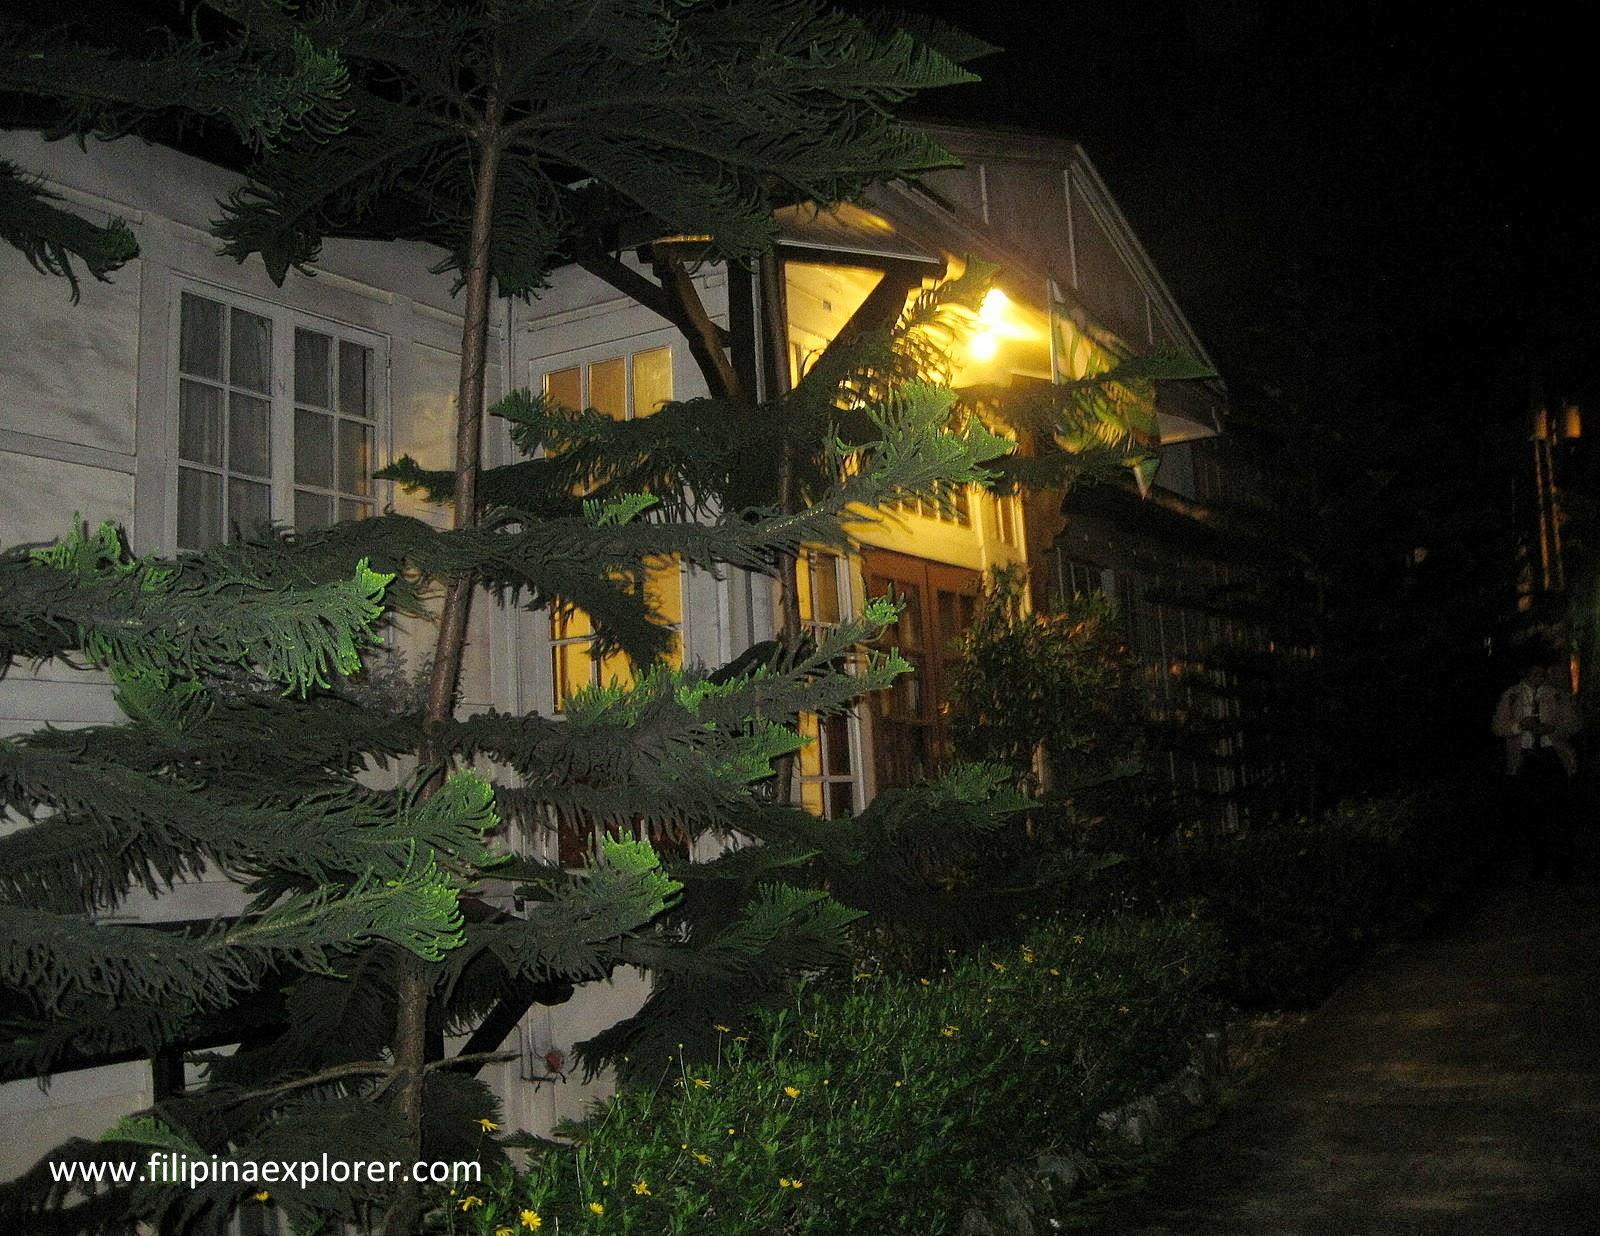 Casa Vallejo Hotel Baguio City 009 Jpg